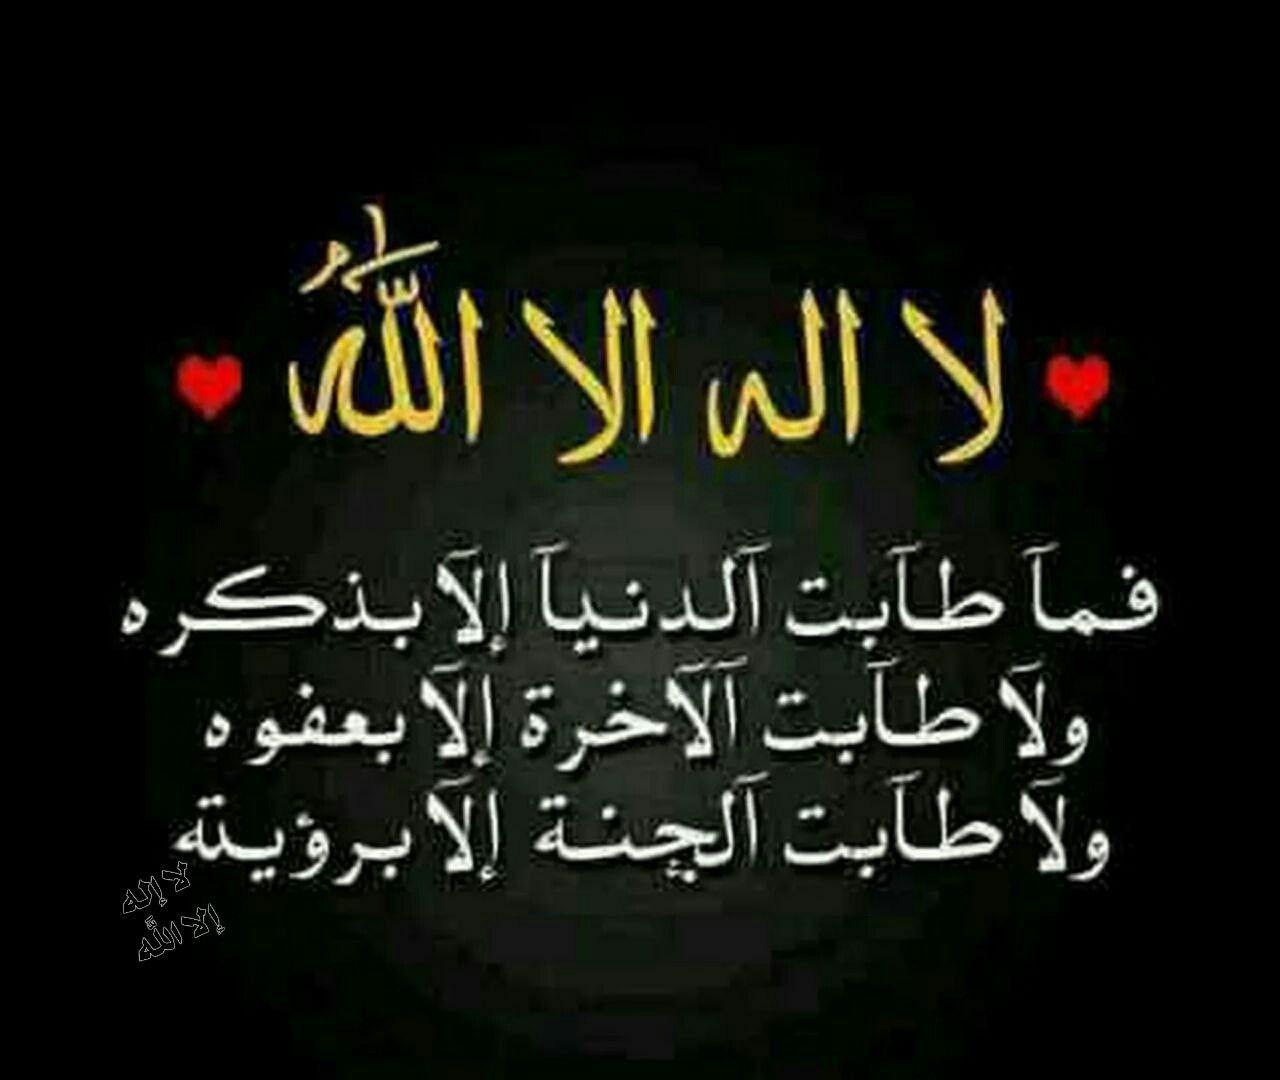 Pin By Miŕach Maŕia On أجيب دعوة الداعي Holy Quran Arabic Art Short Prayers